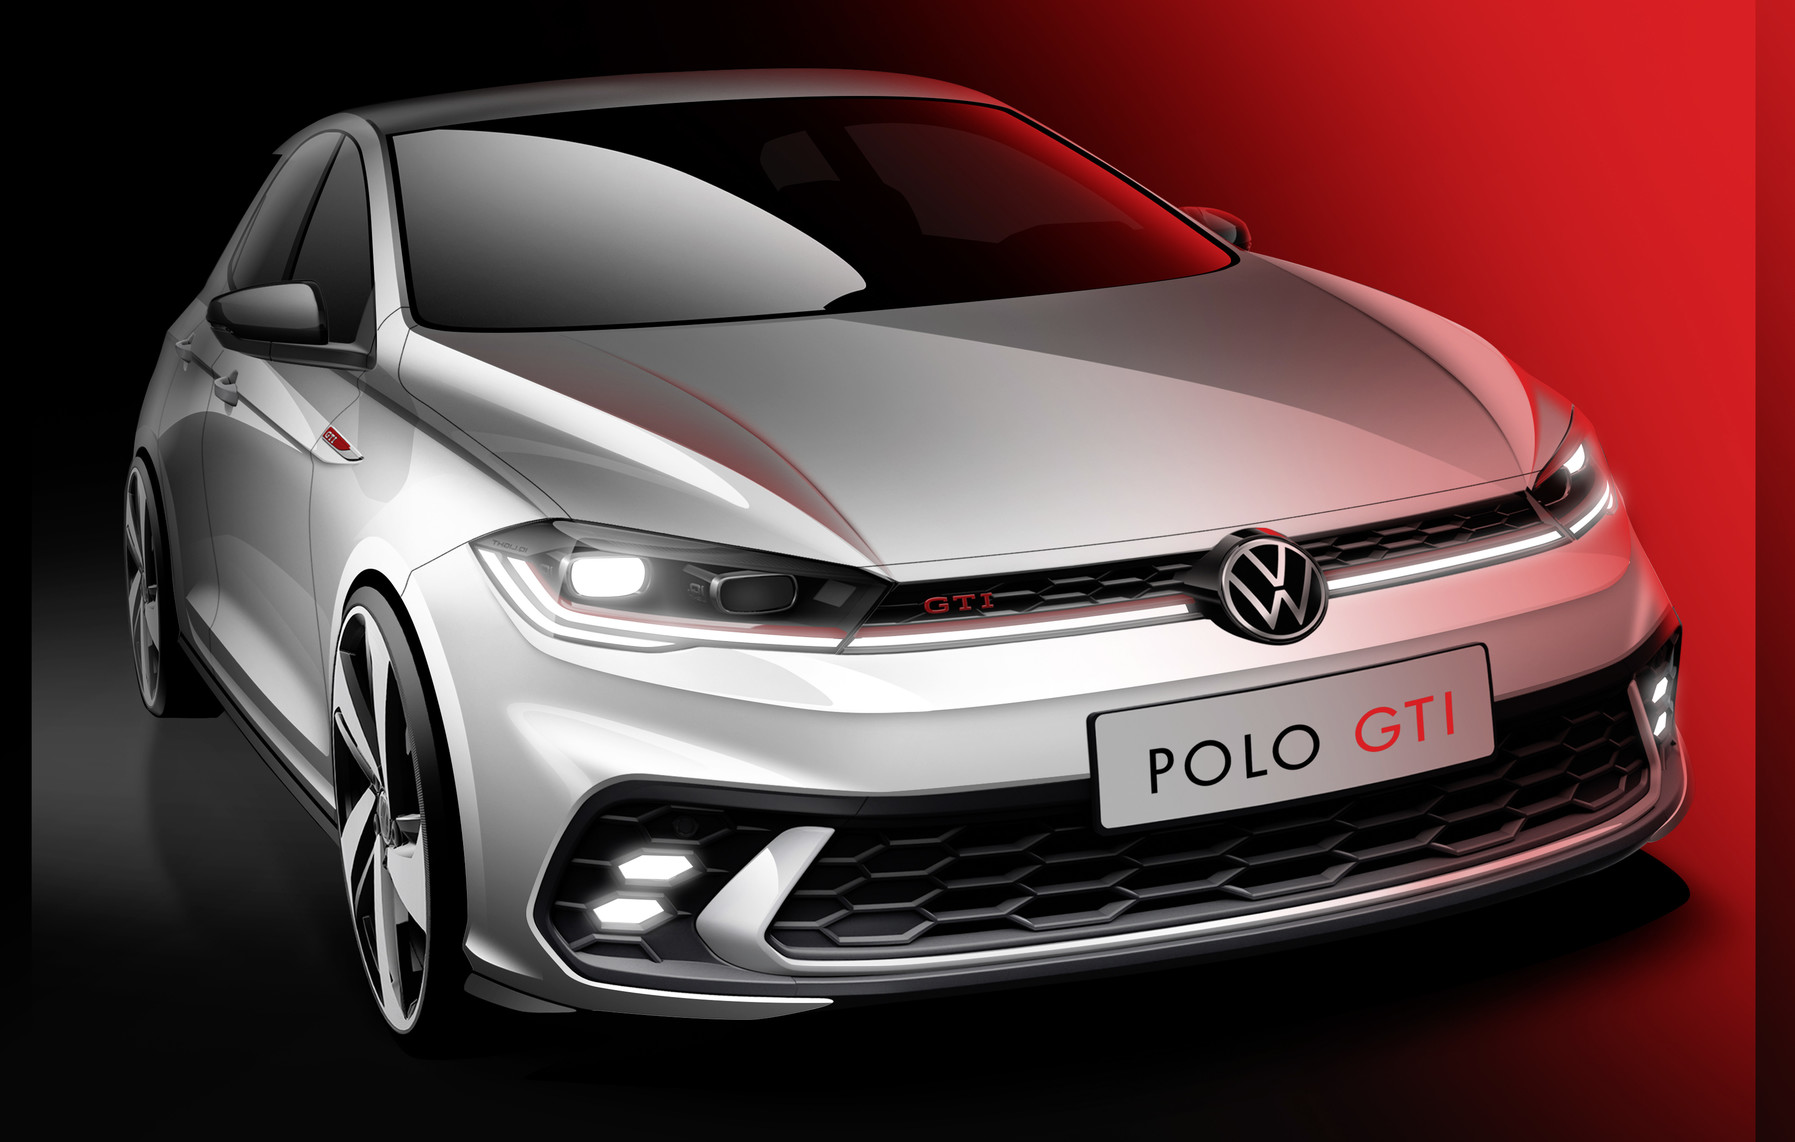 Un vistazo al nuevo Polo GTI